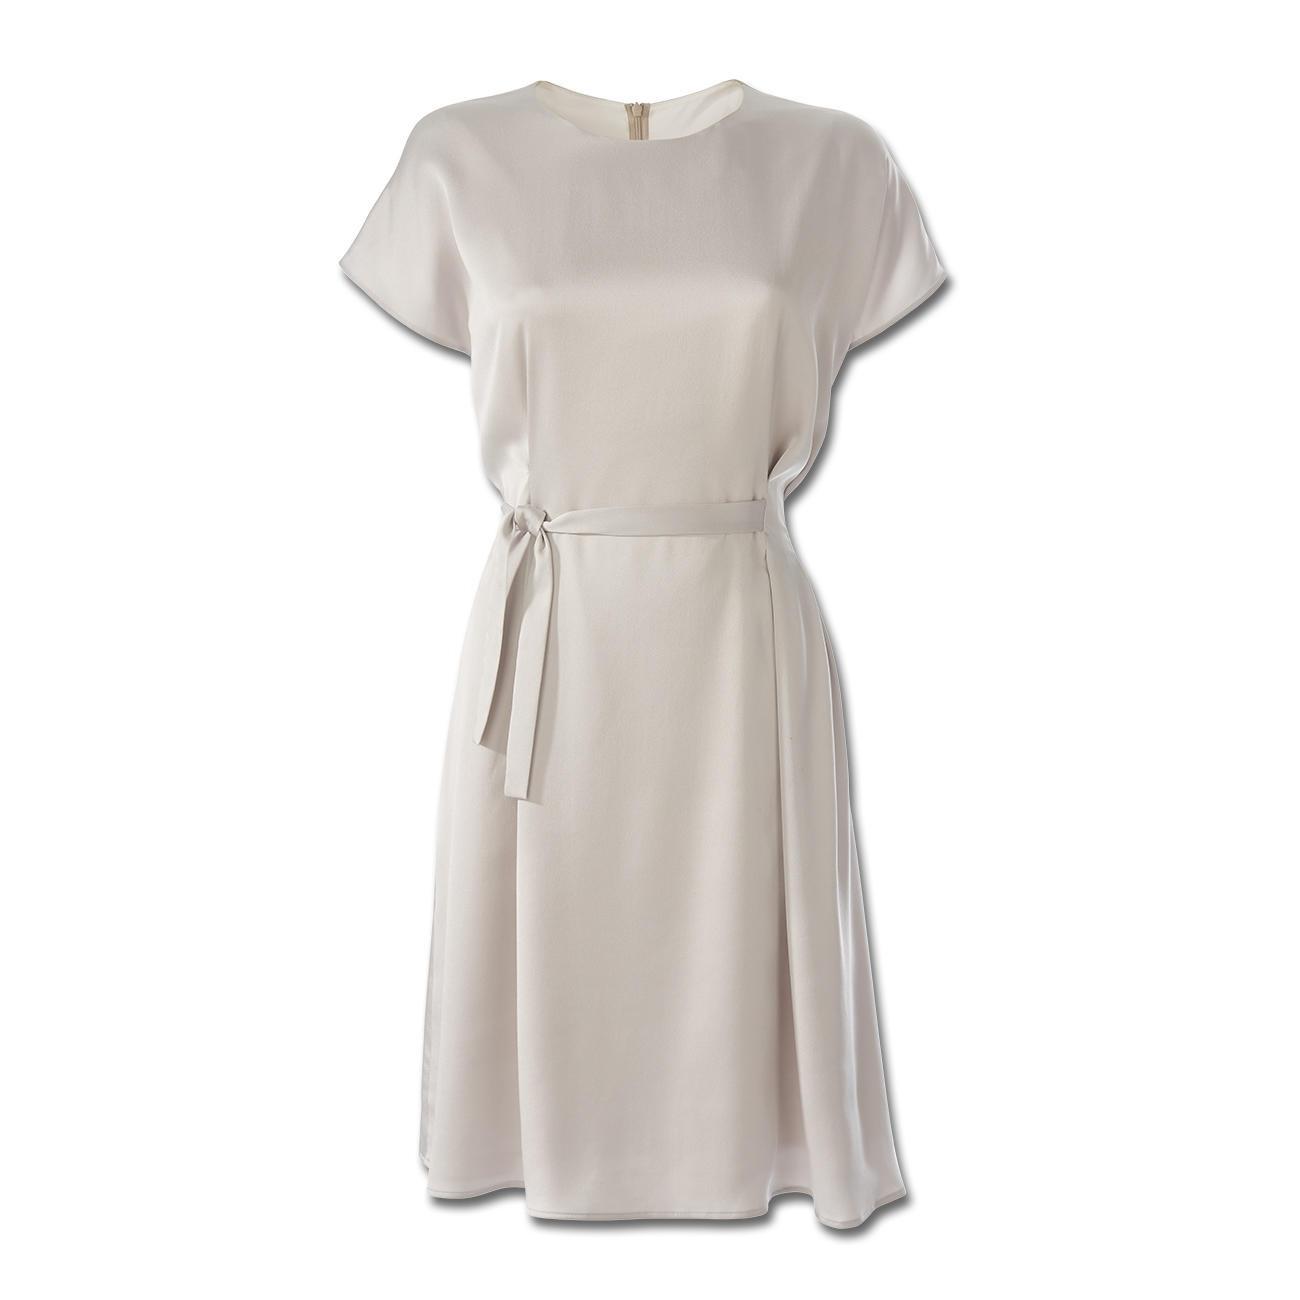 Abend Ausgezeichnet Kleider Für Jeden Anlass Ärmel17 Einfach Kleider Für Jeden Anlass Galerie